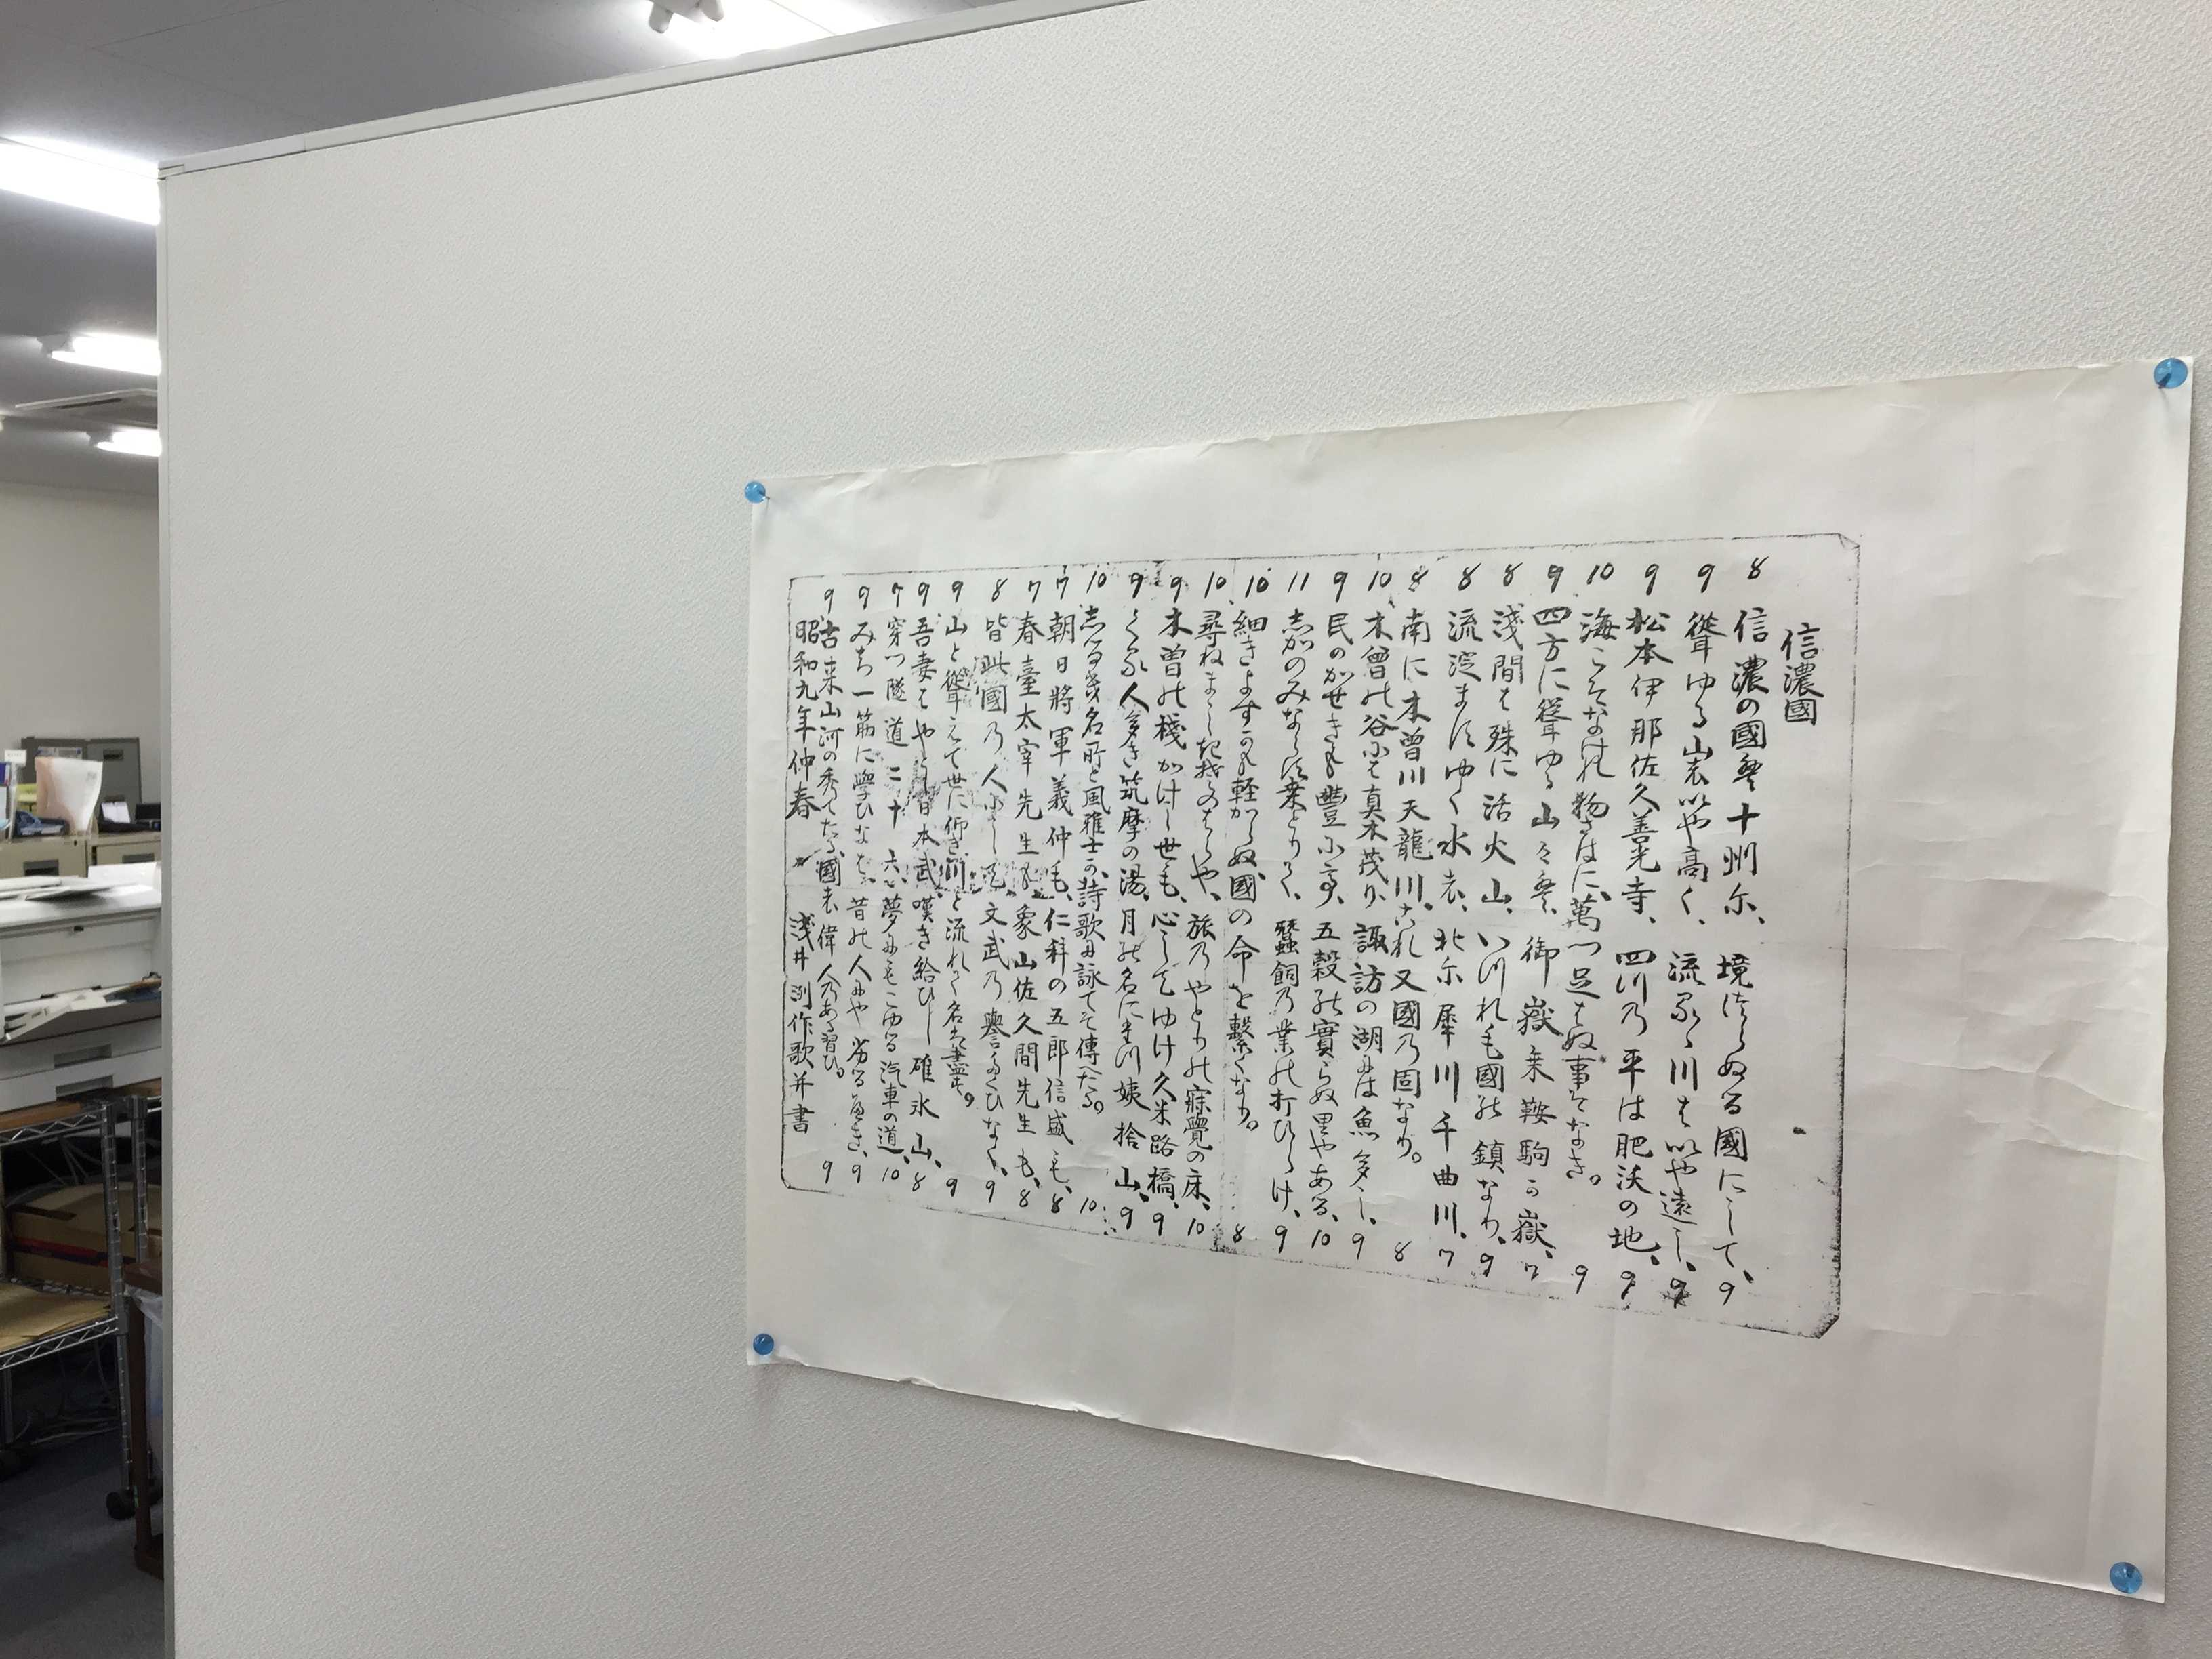 長野県県歌「信濃の国」